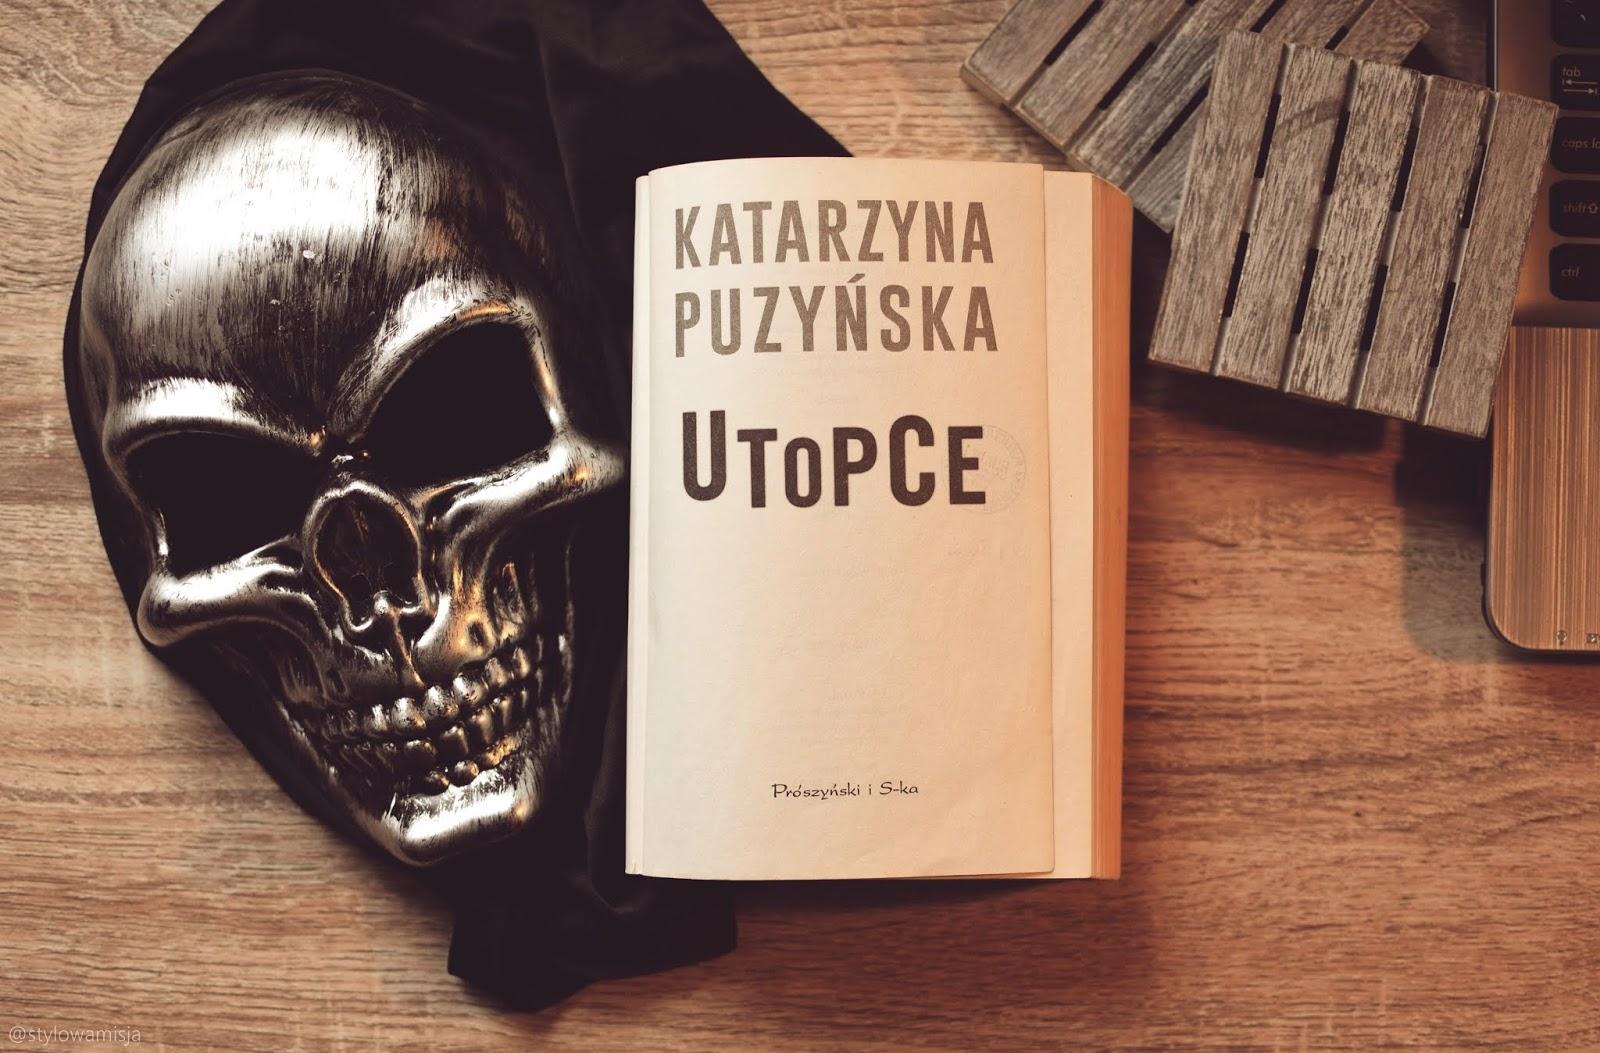 KatarzynaPuzyńska, kryminał, Lipowo, opowiadanie, recenzja, seria, tomV, Utopce,